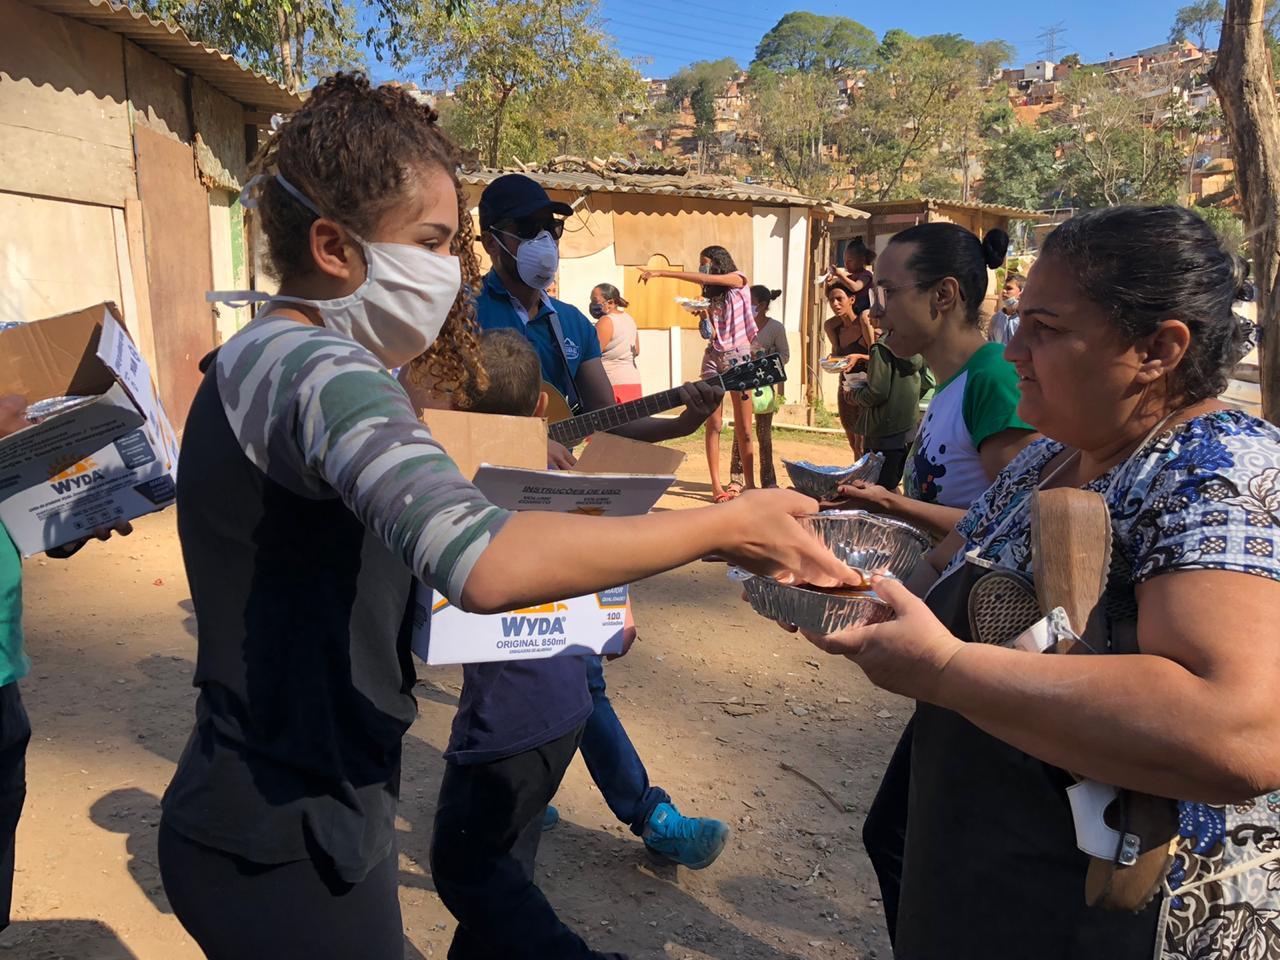 Igreja distribui 500 marmitas por dia na região mais afetada pela Covid-19 em São Paulo